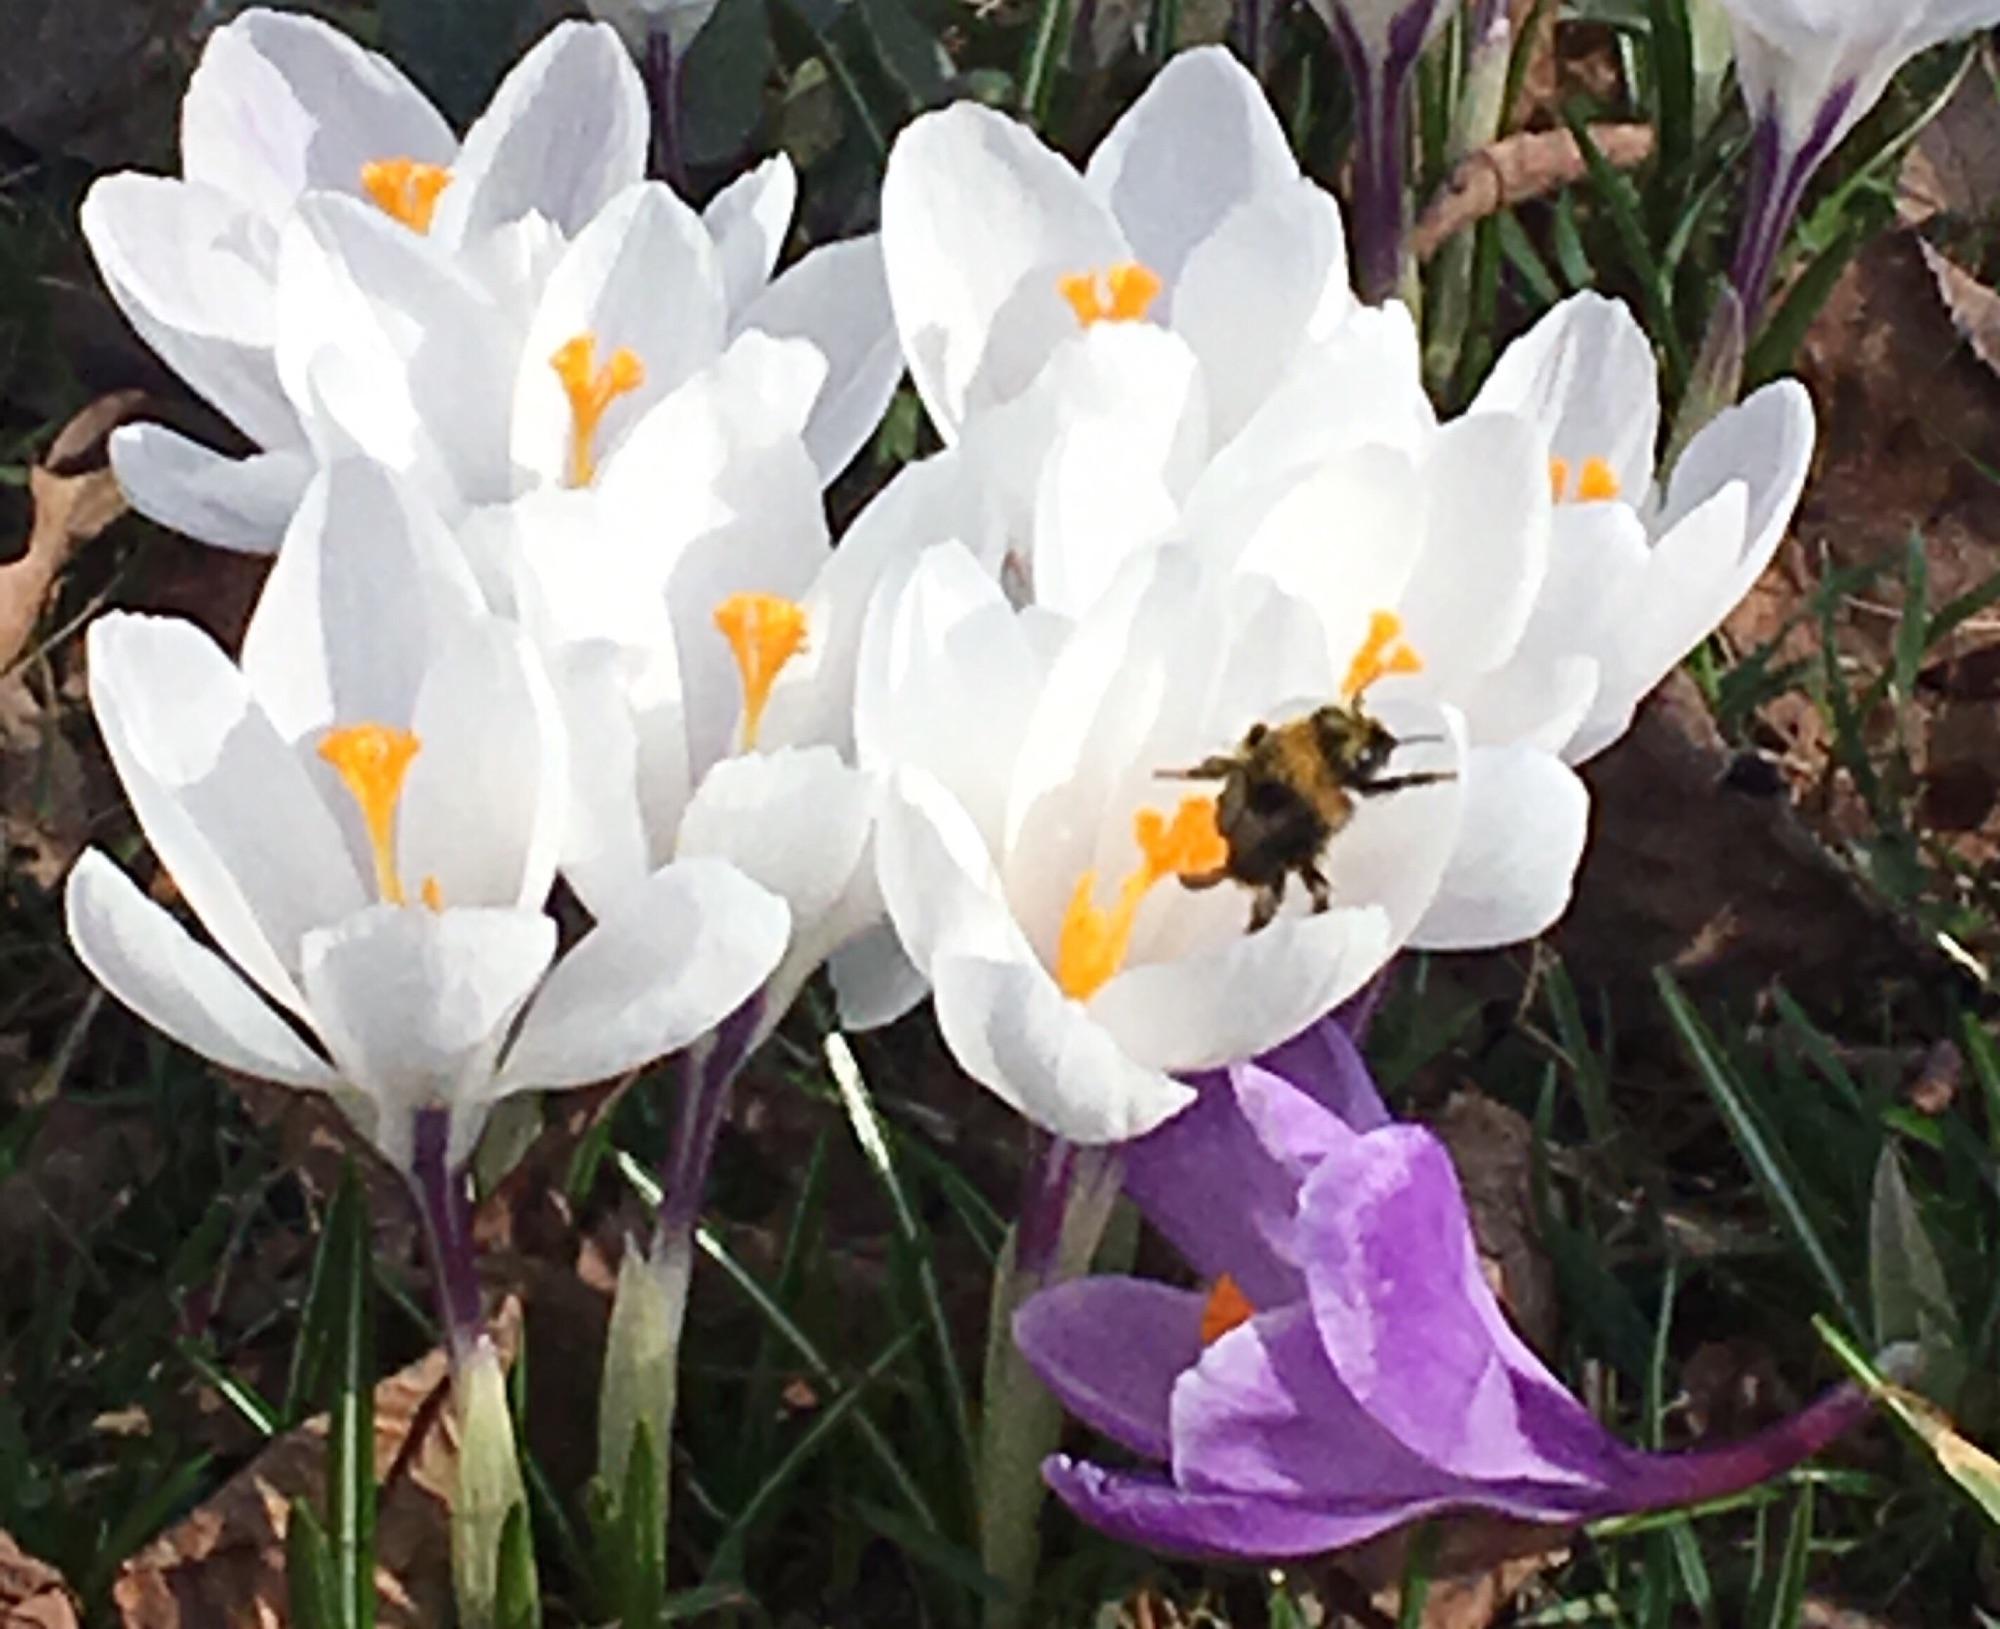 В выходные в Сокольках, в Сиреневом саду  было прозрачно, ни  травинки. Только крокусы! И  коленопреклоненные люди с телефонами :)  Весна - главная новость каждого дня.